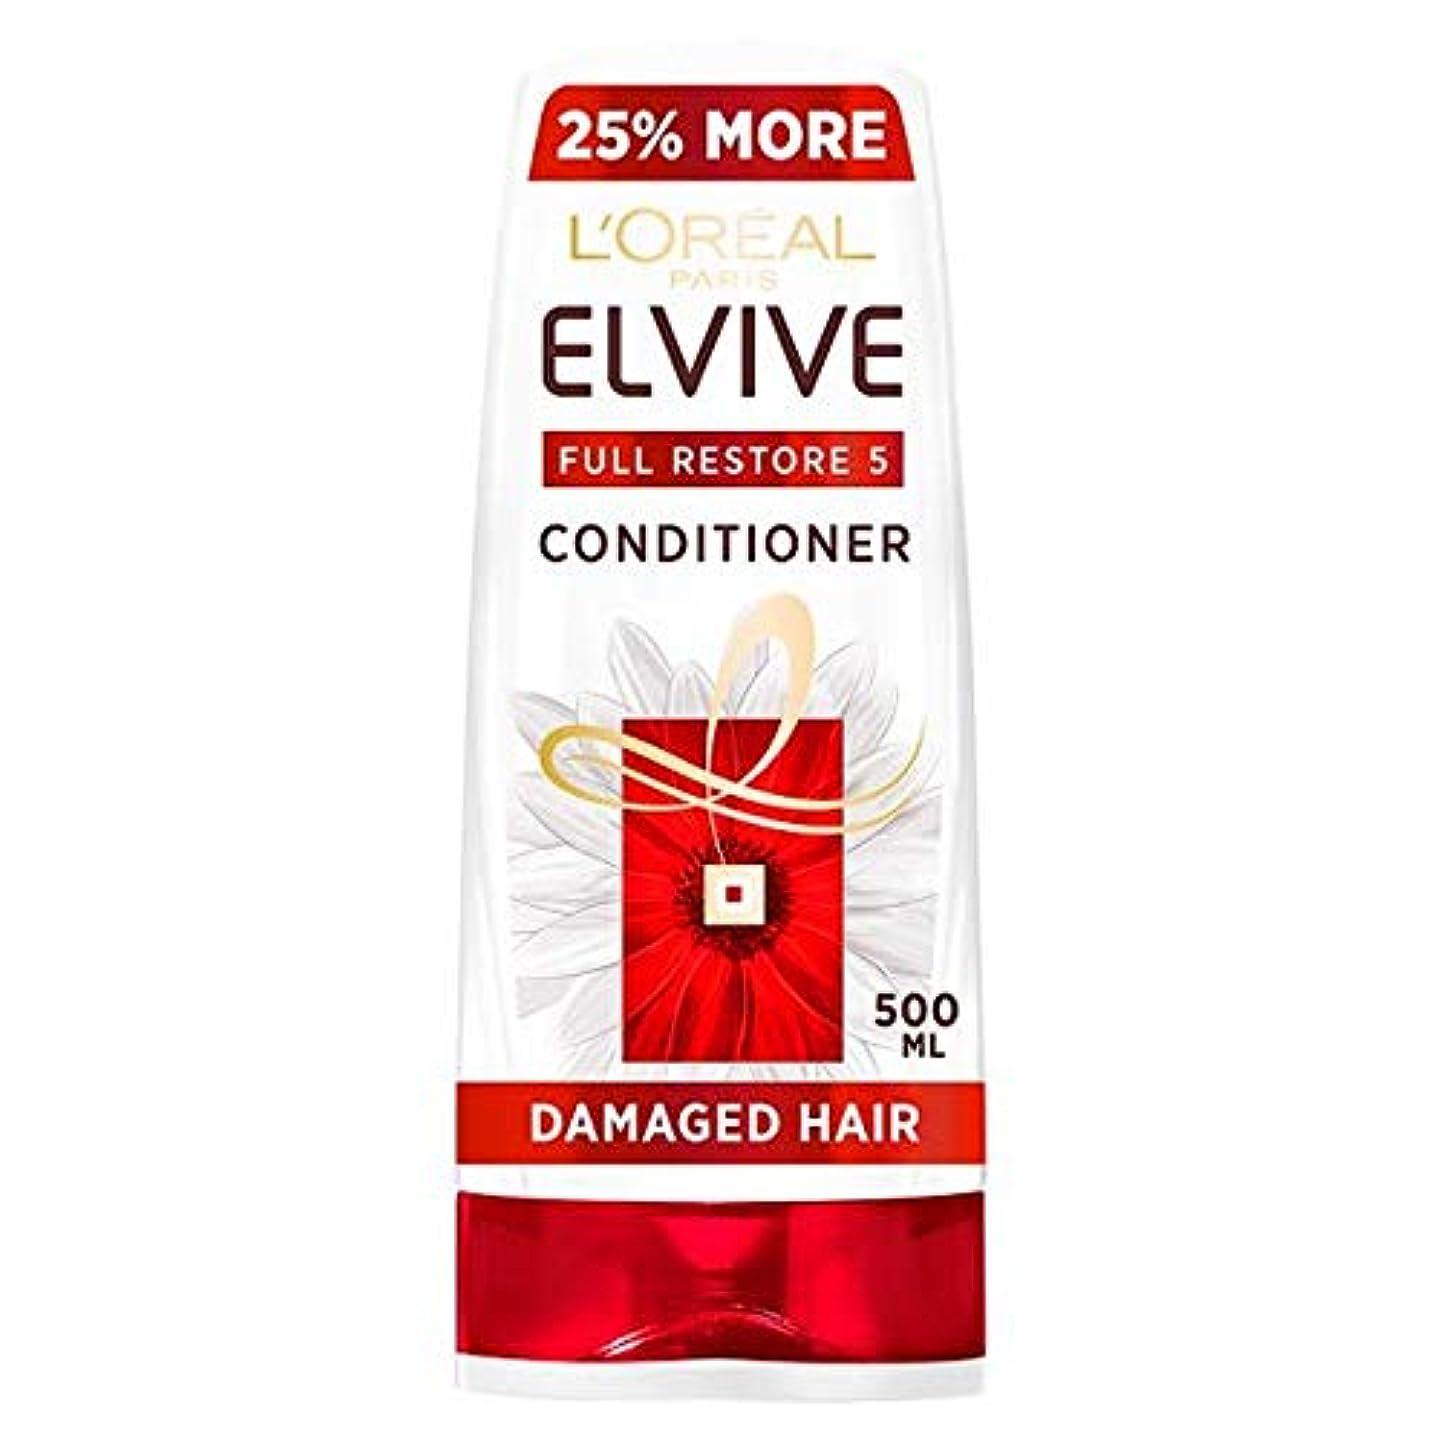 ぼんやりした反論者コア[Elvive] ロレアルElvive極度のダメージヘアコンディショナー500ミリリットル - L'oreal Elvive Extreme Damaged Hair Conditioner 500Ml [並行輸入品]